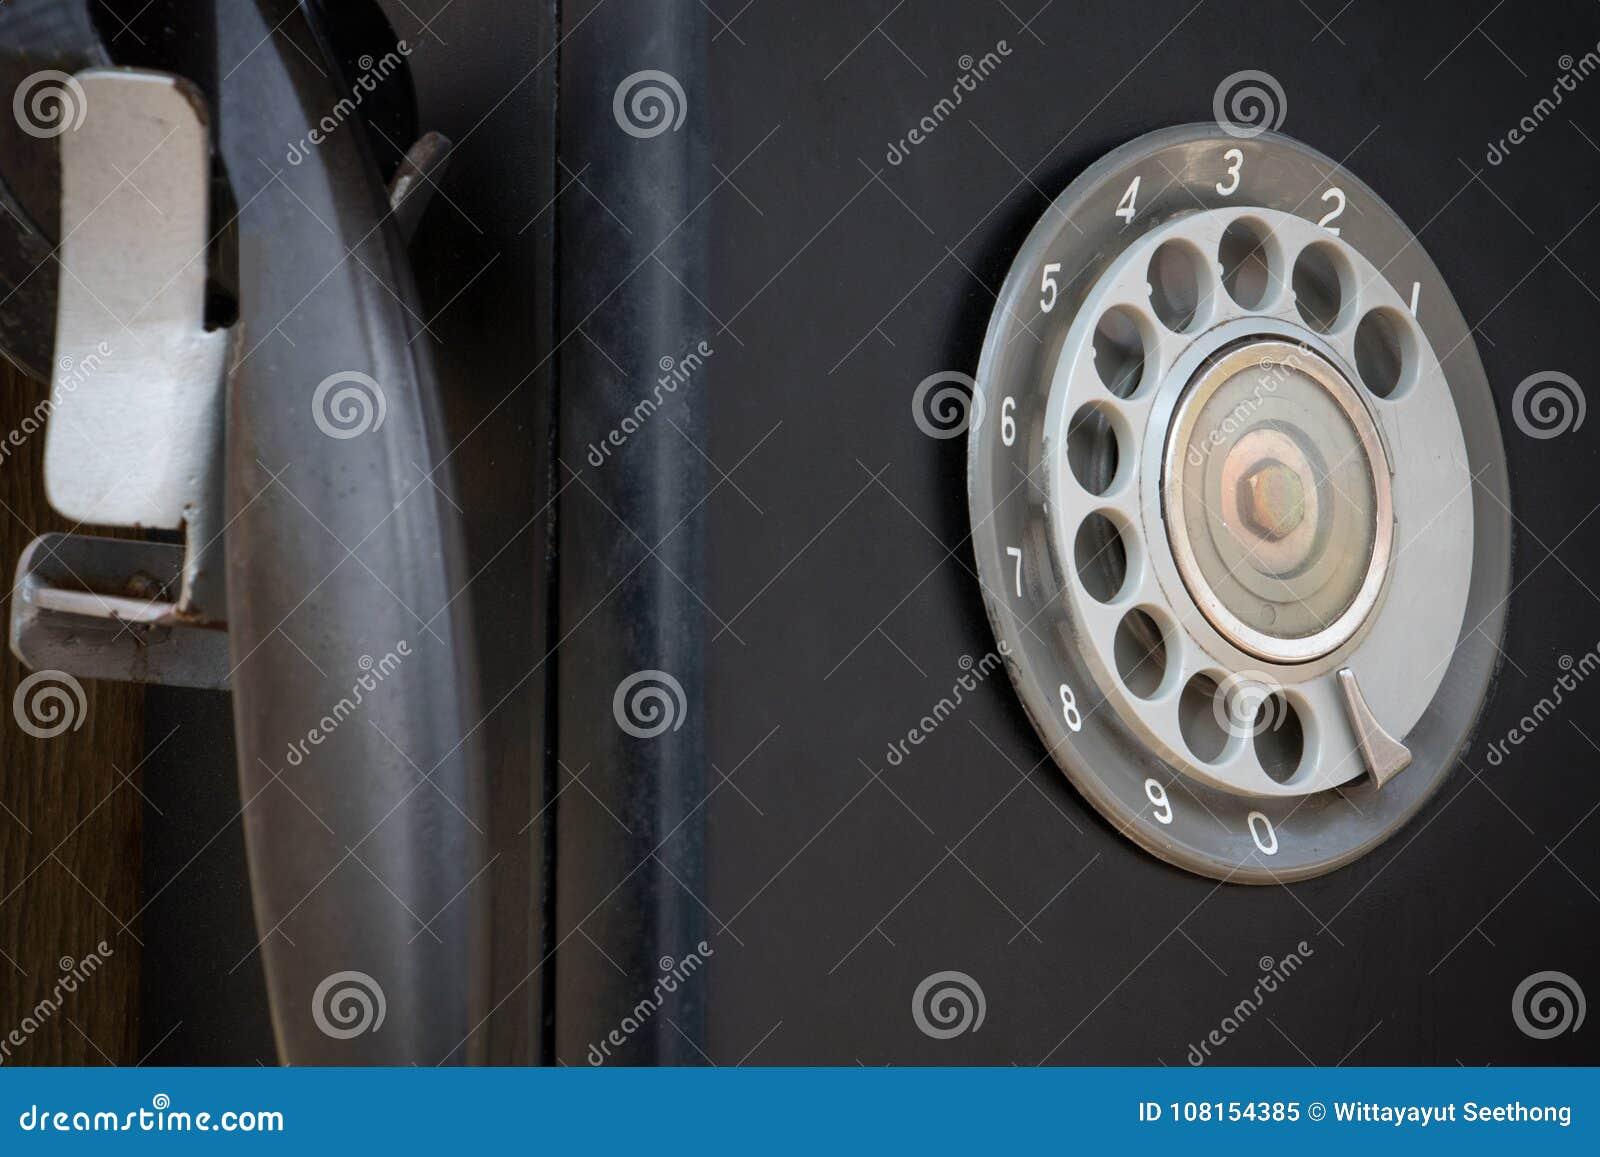 Close-up van zwarte retro uitstekende telefoon met roterend dialer of wijzerplaat-stootkussen